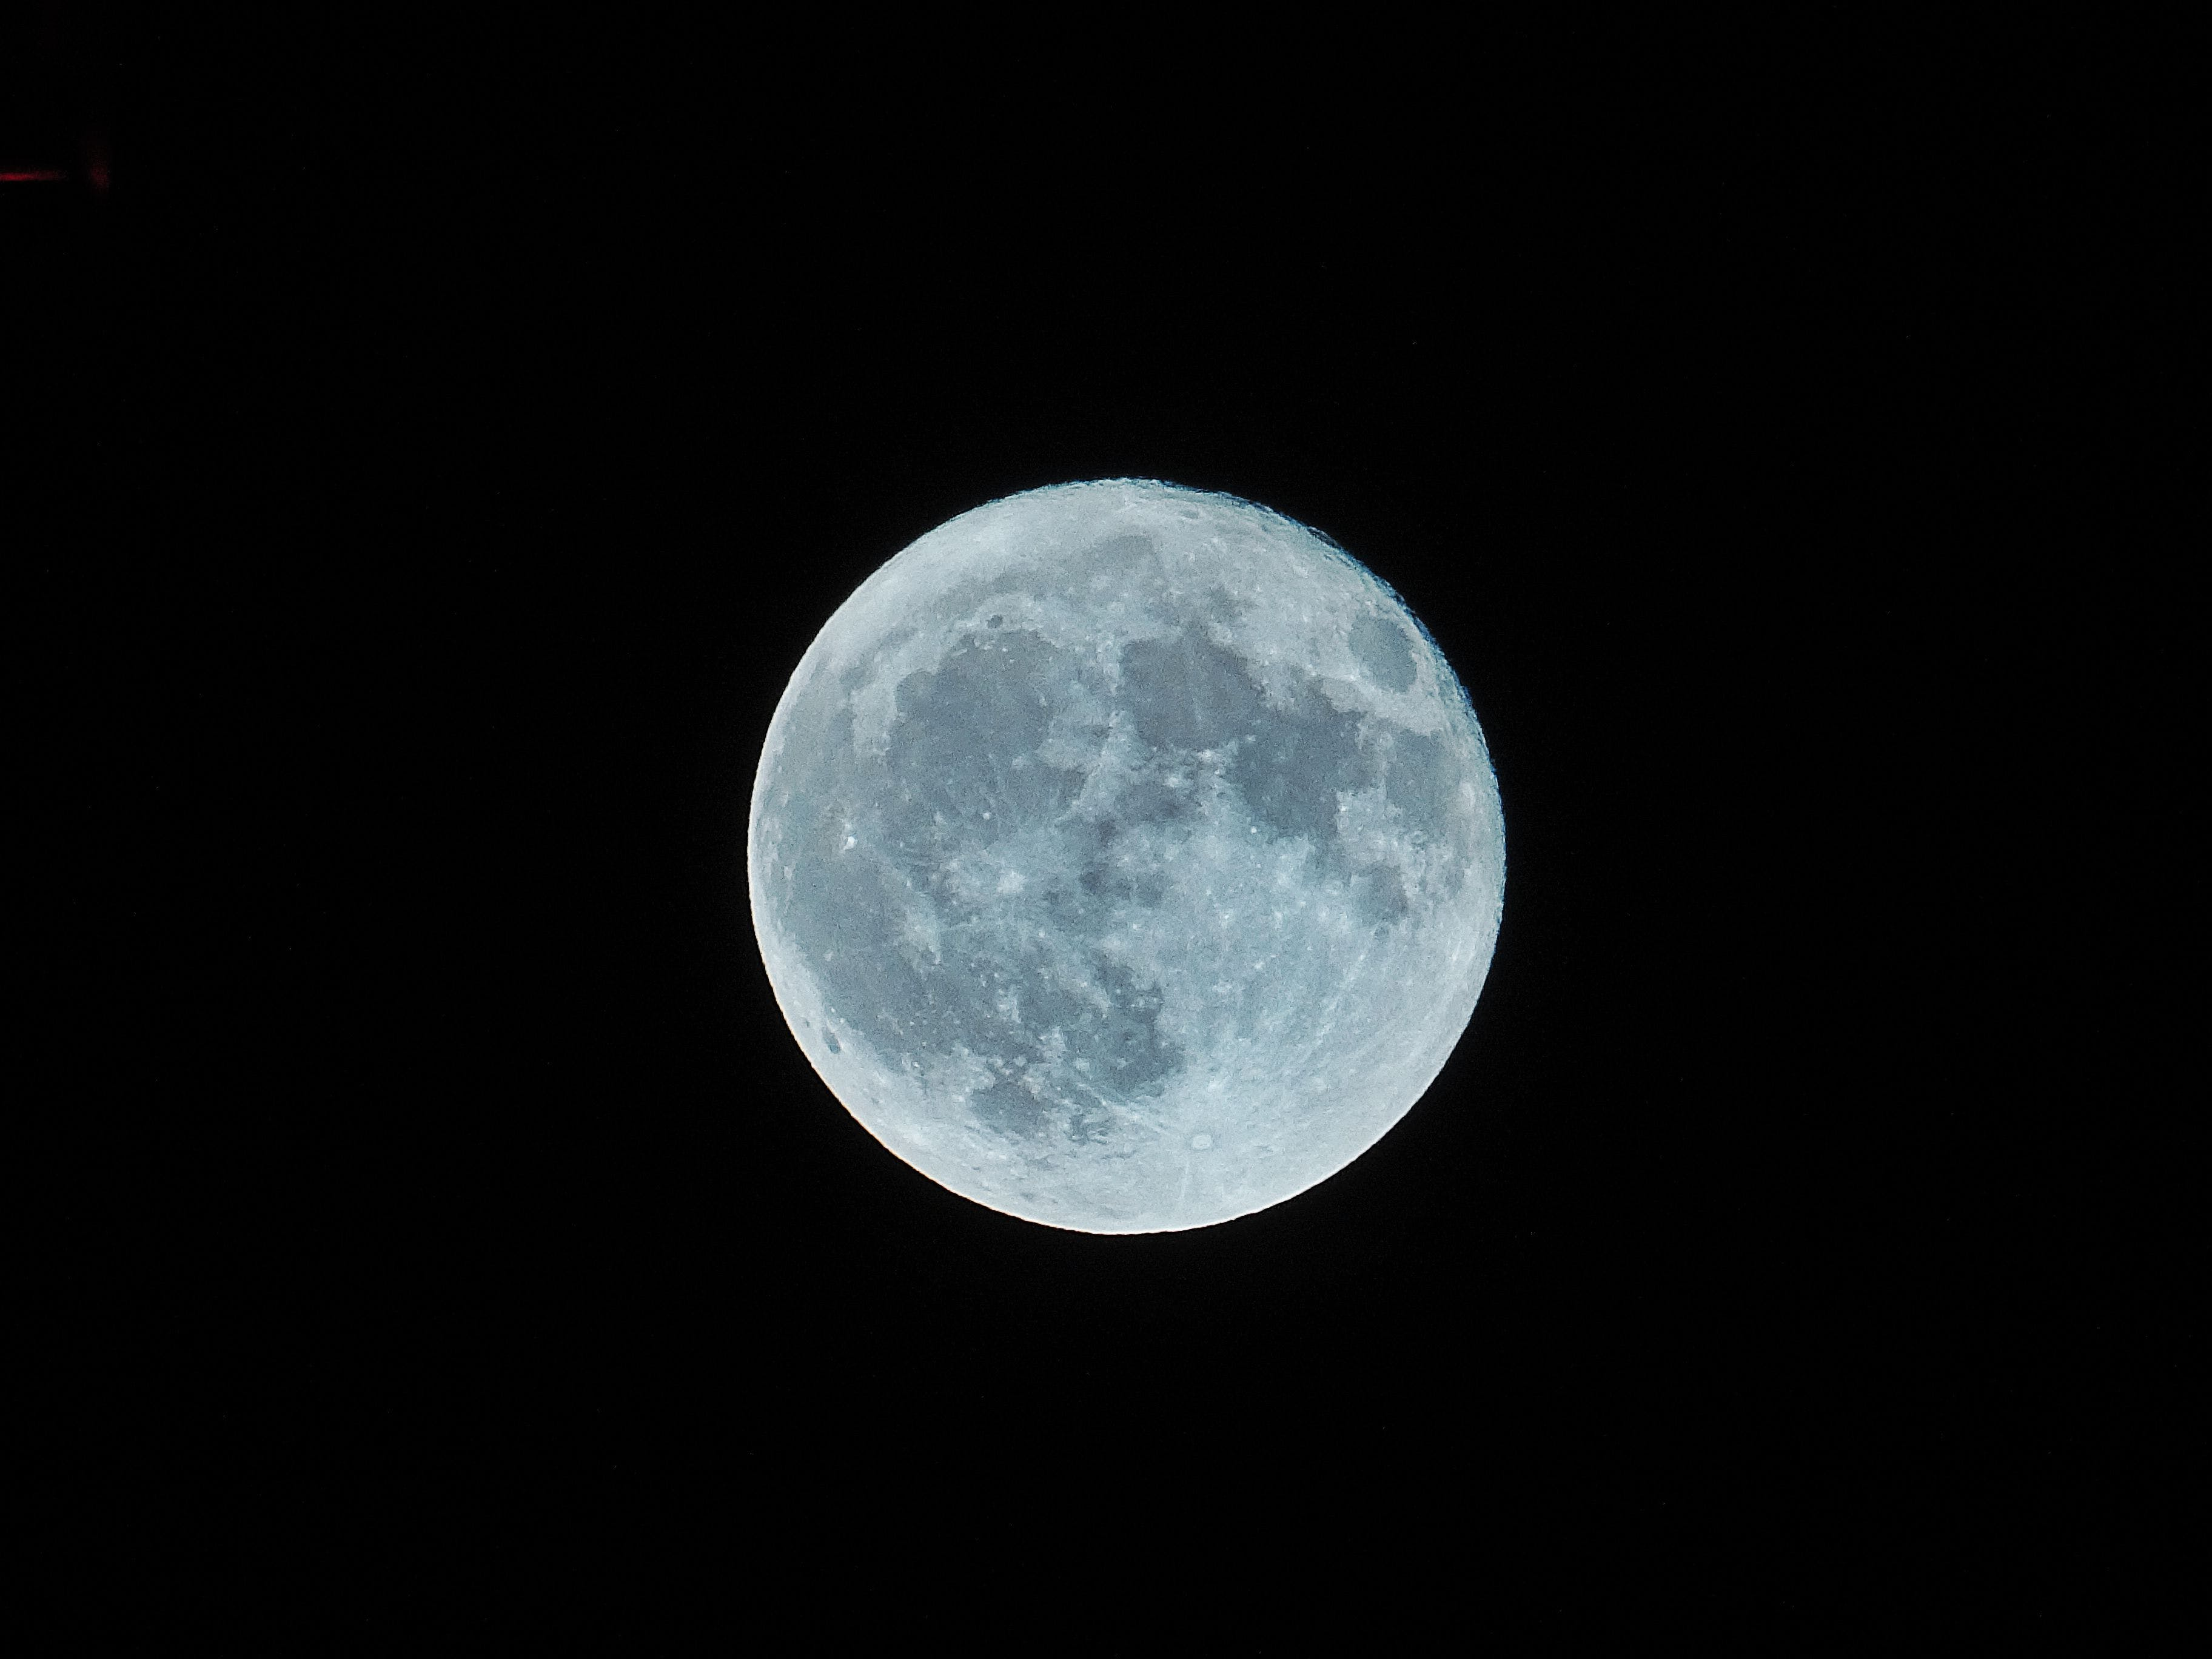 Δωρεάν στοκ φωτογραφιών με αστρολογία, αστρονομία, γη, διάστημα